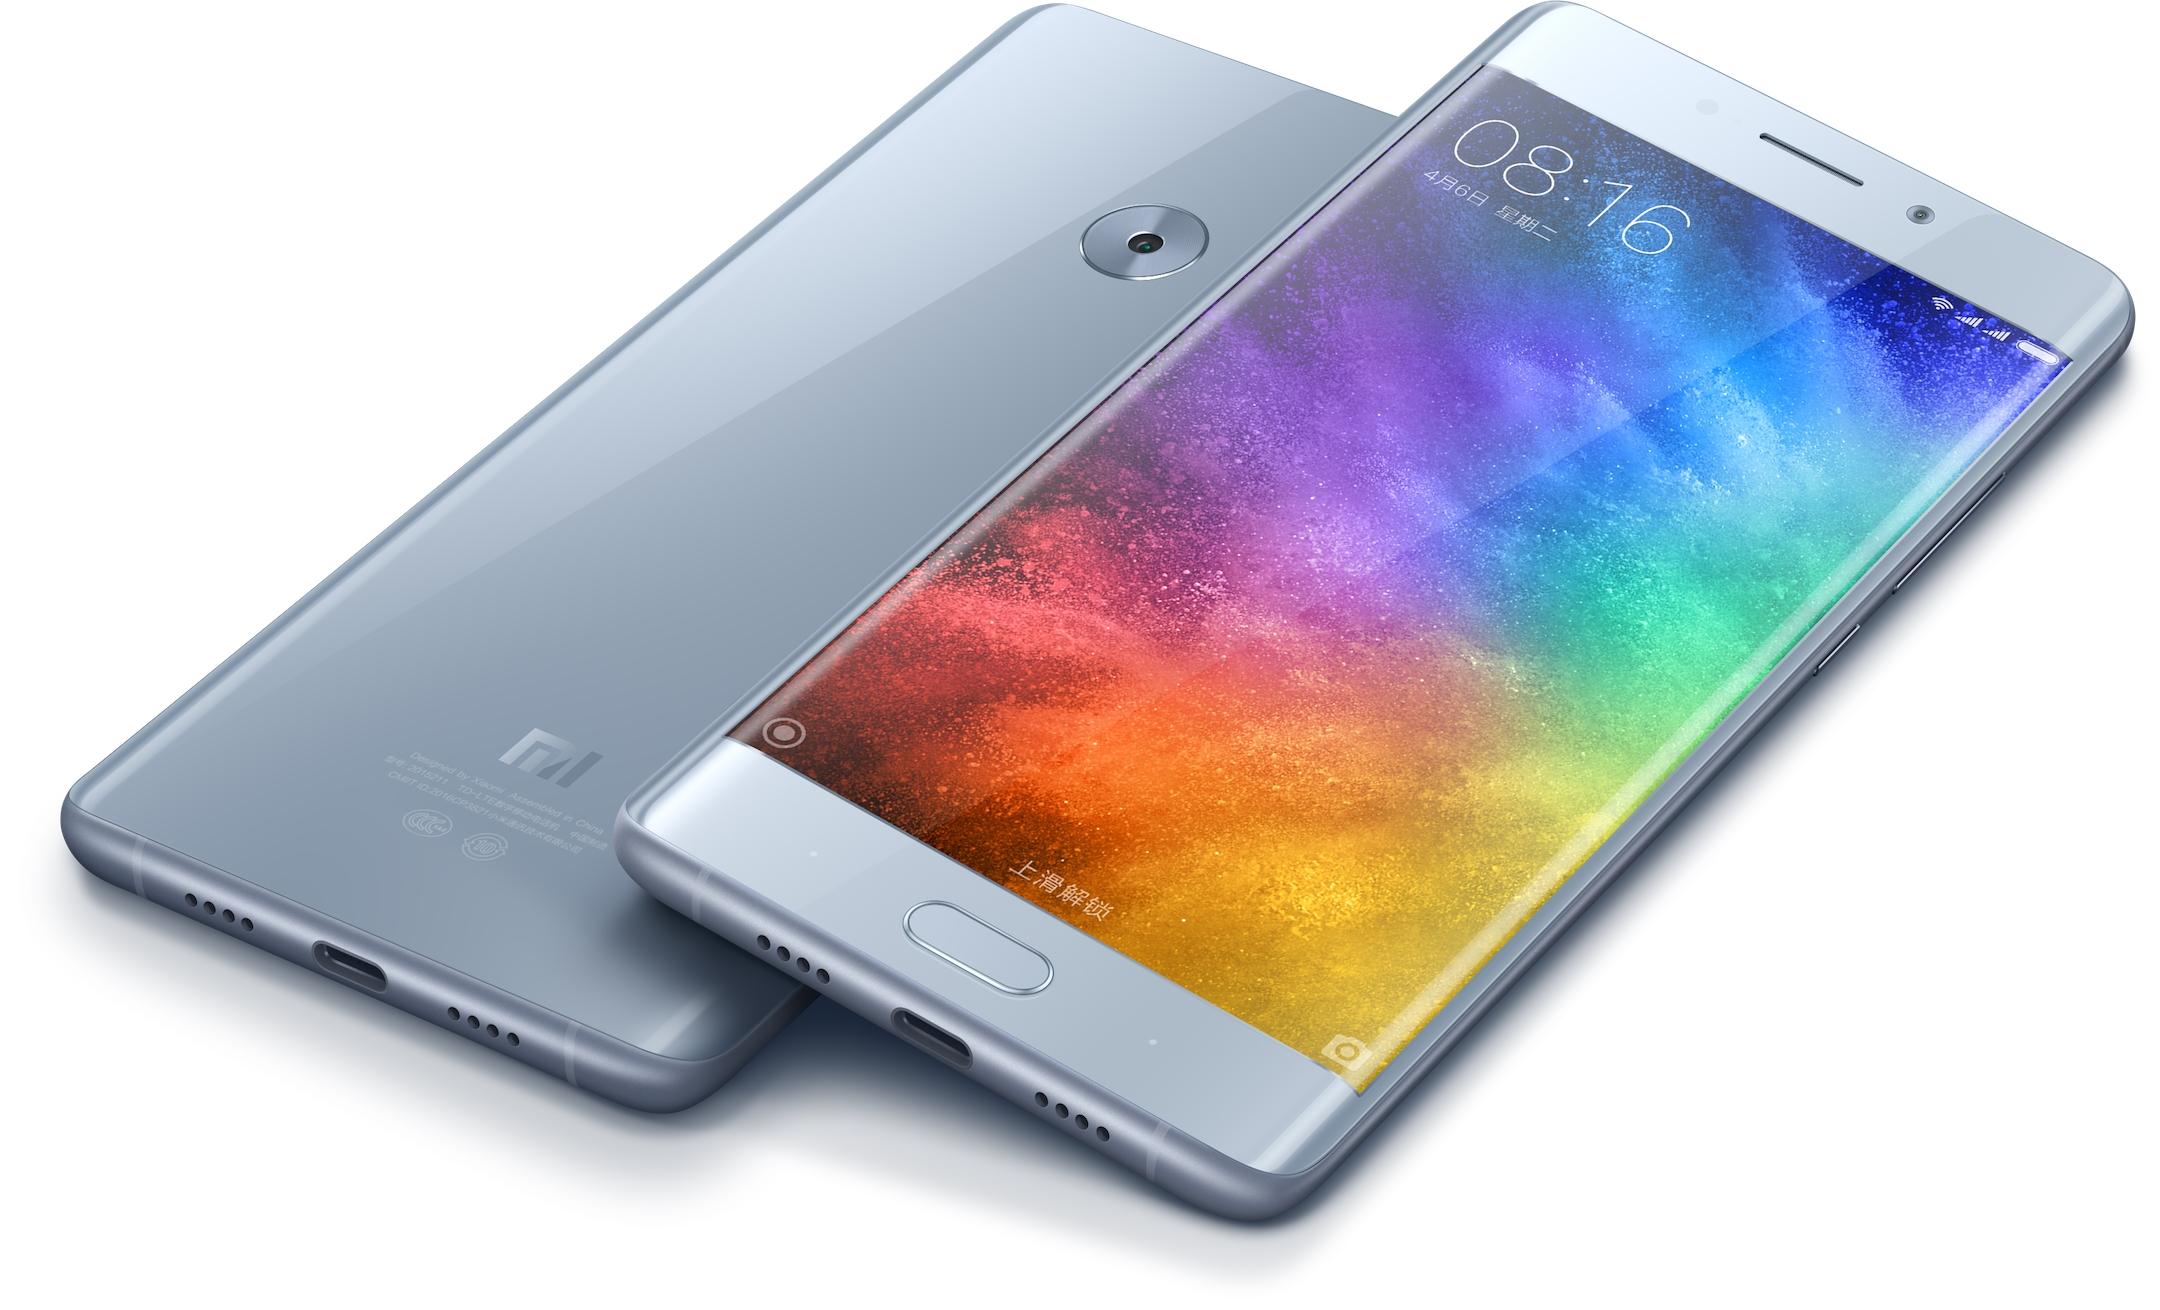 Le Xiaomi Mi Note 2 aurait le droit à une déclinaison avec écran plat